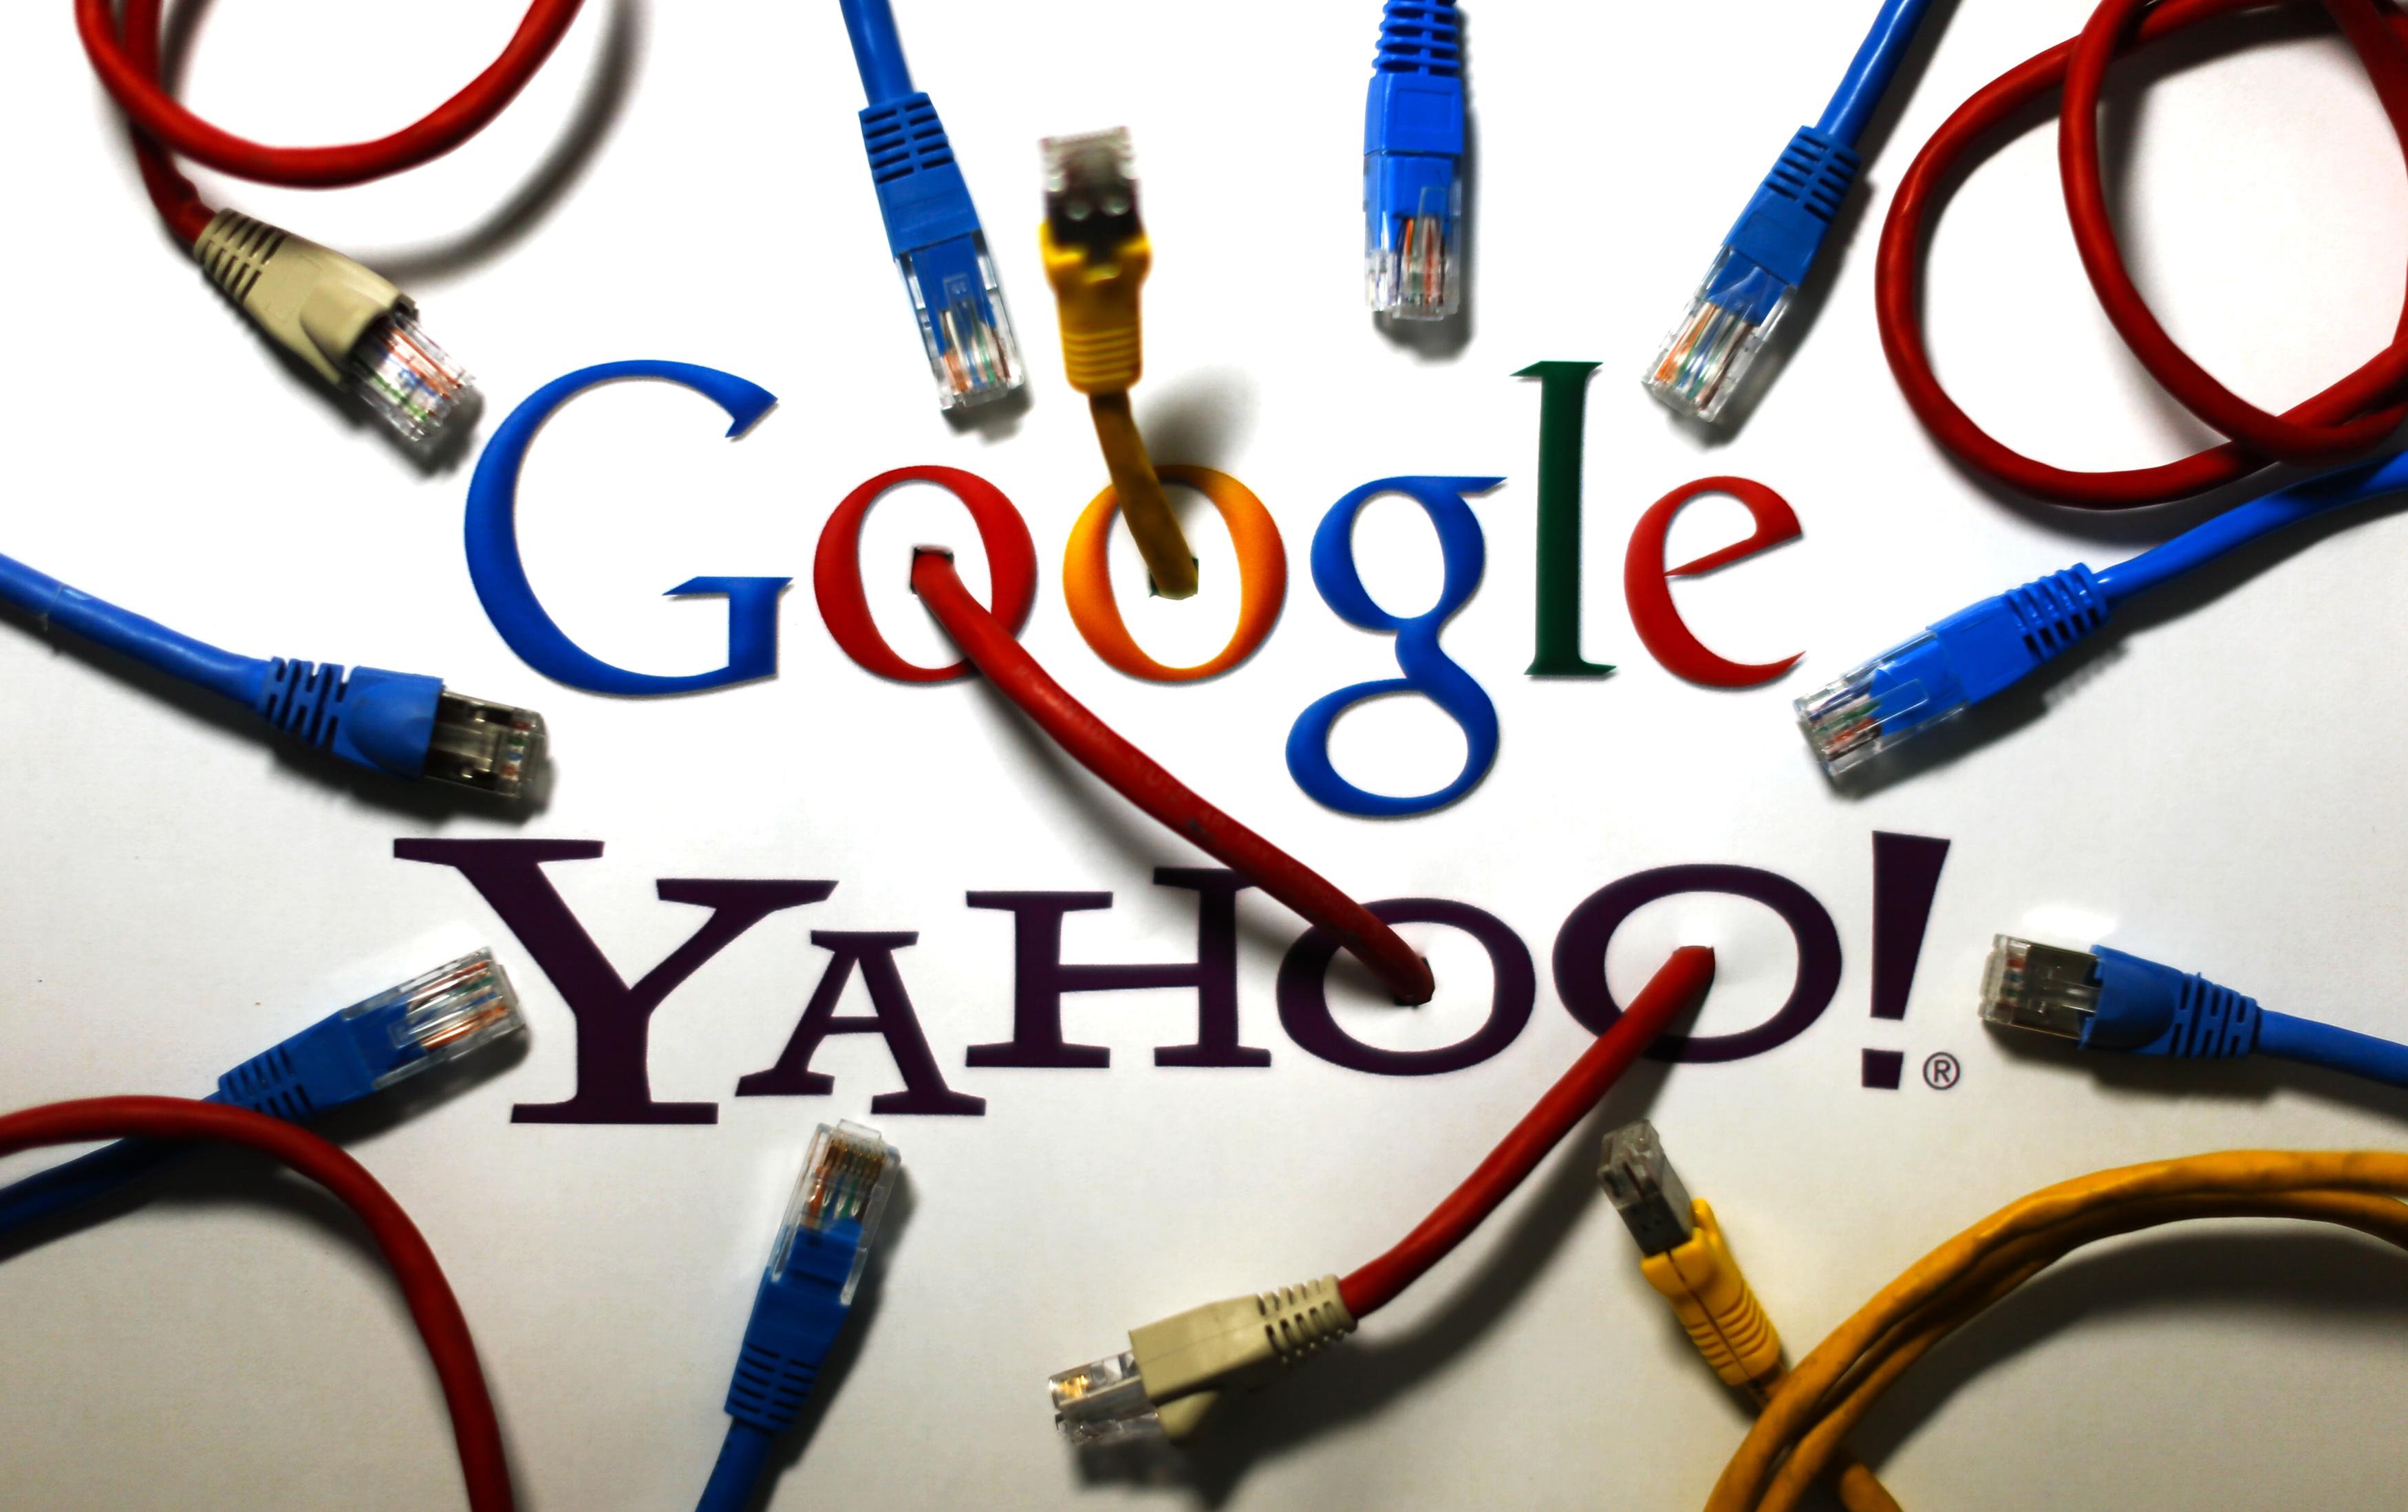 Yahoo slideshow 4 - Google and Yahoo